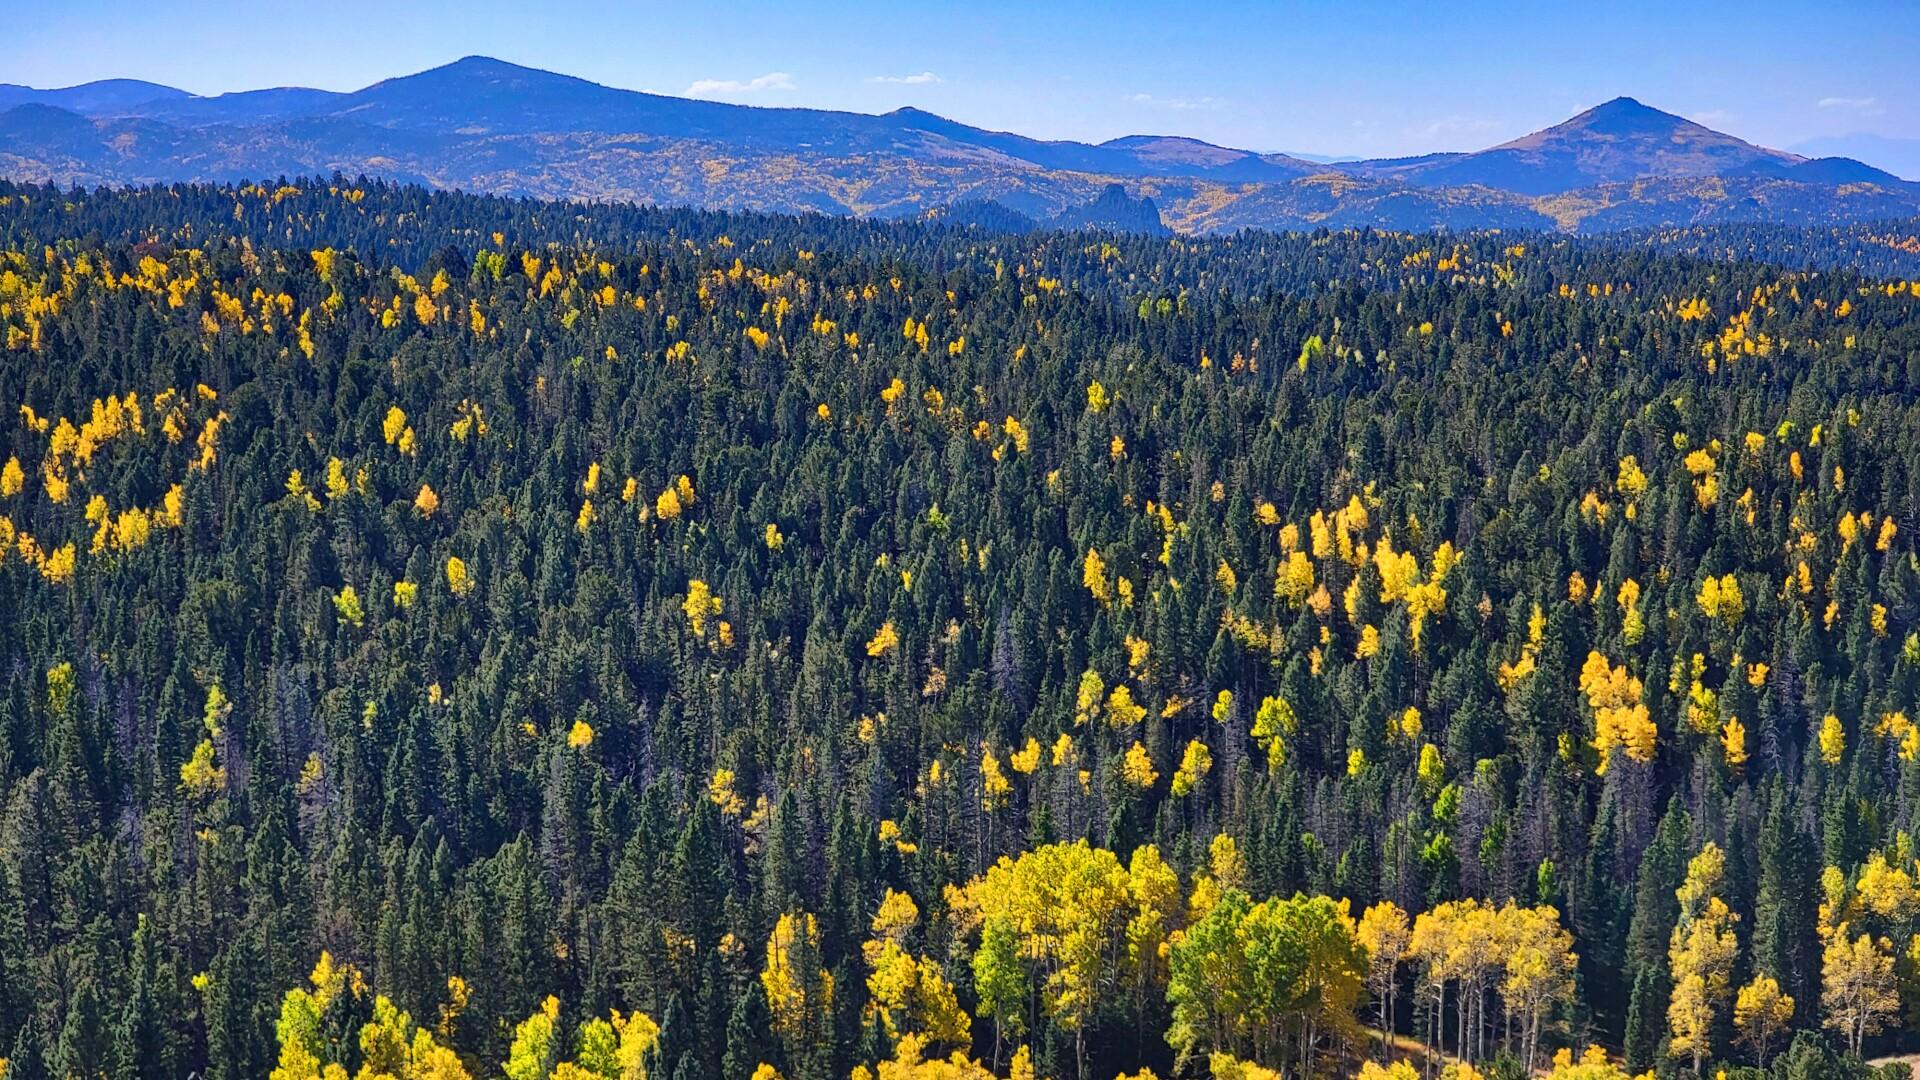 2Mueller State Park Russell Howell 1.jpg